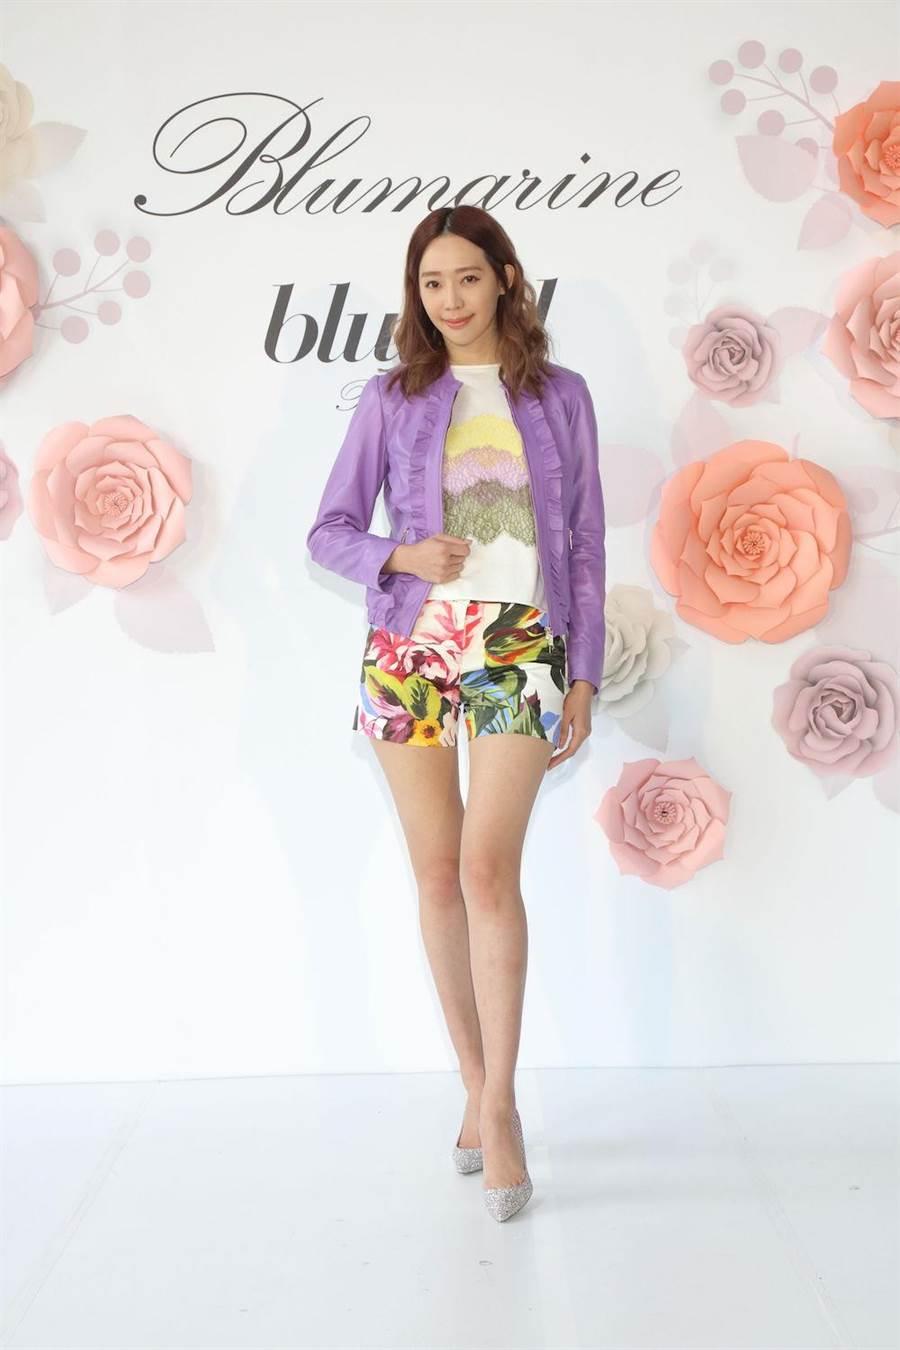 王心恬身上穿的Blugirl紫色皮革外套5万2800元,Blugirl蕾丝装饰T-shirt 2万1800元,Blugirl花卉短裤NT. 1万8800元。(BLUMARNIE提供)